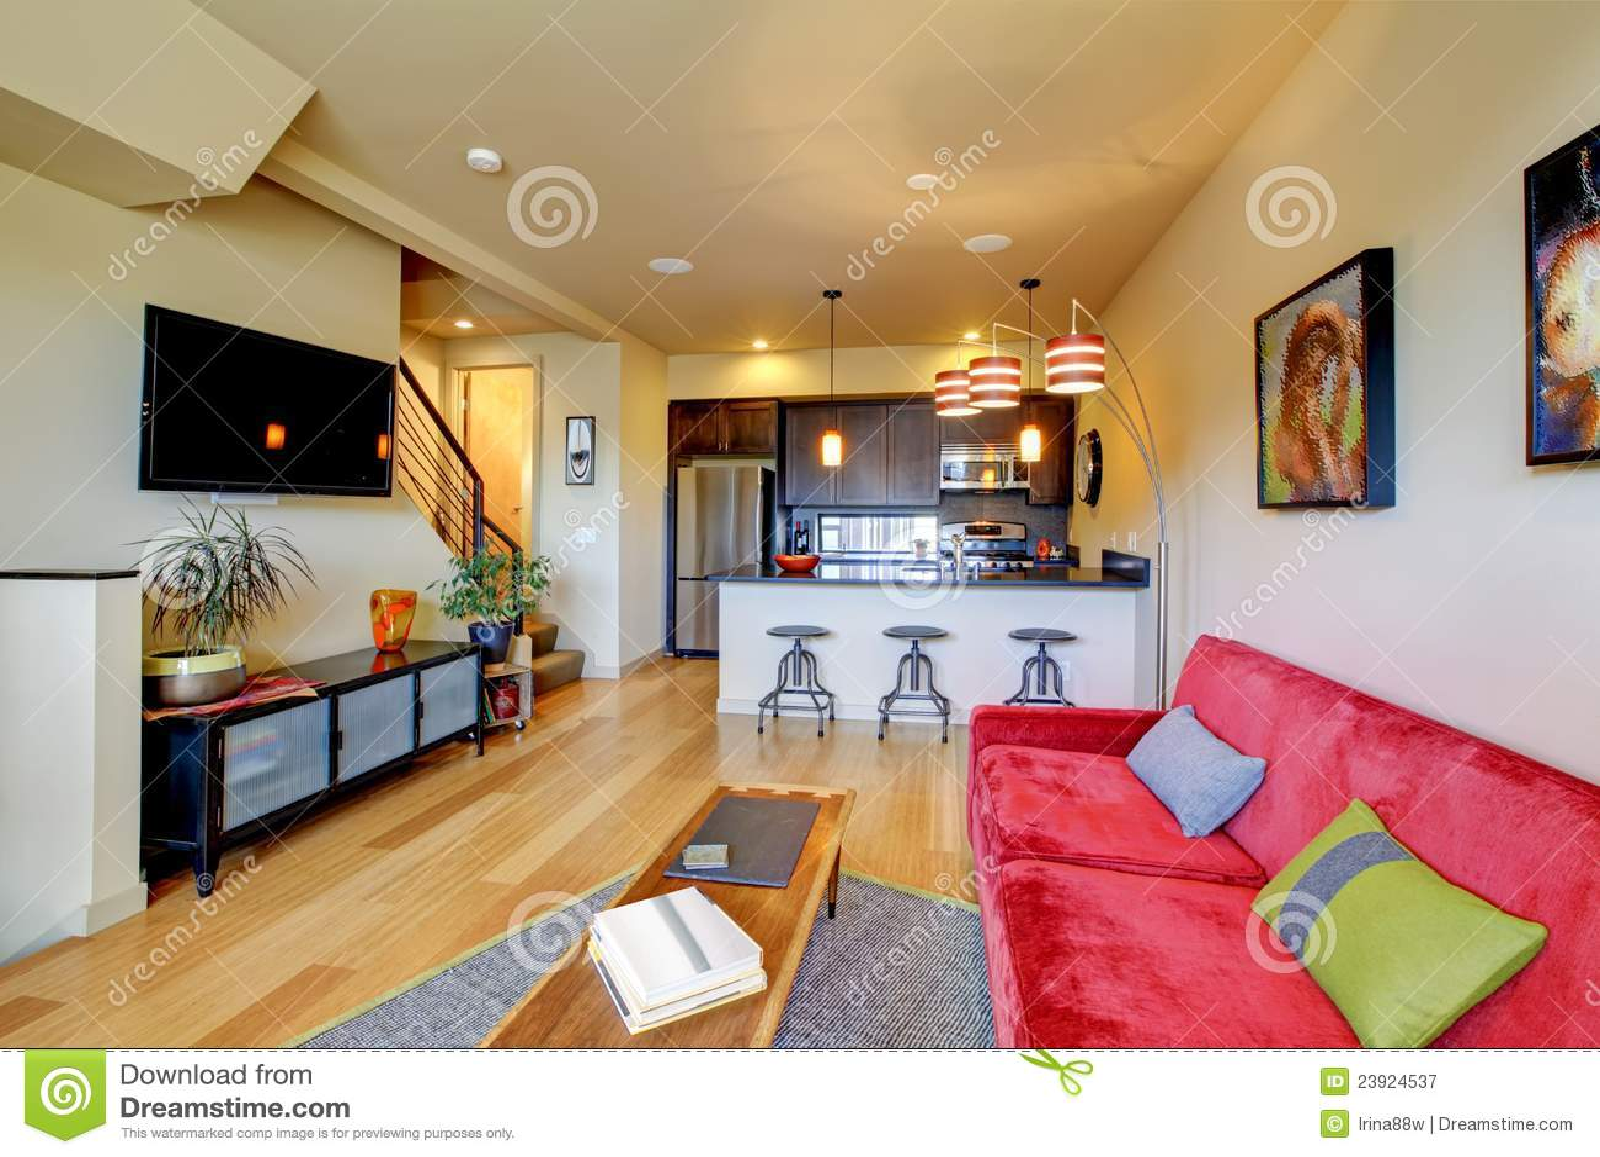 Sof rojo y cocina del ith amarillo de la sala de estar for Sala de estar estancia cocina abierta